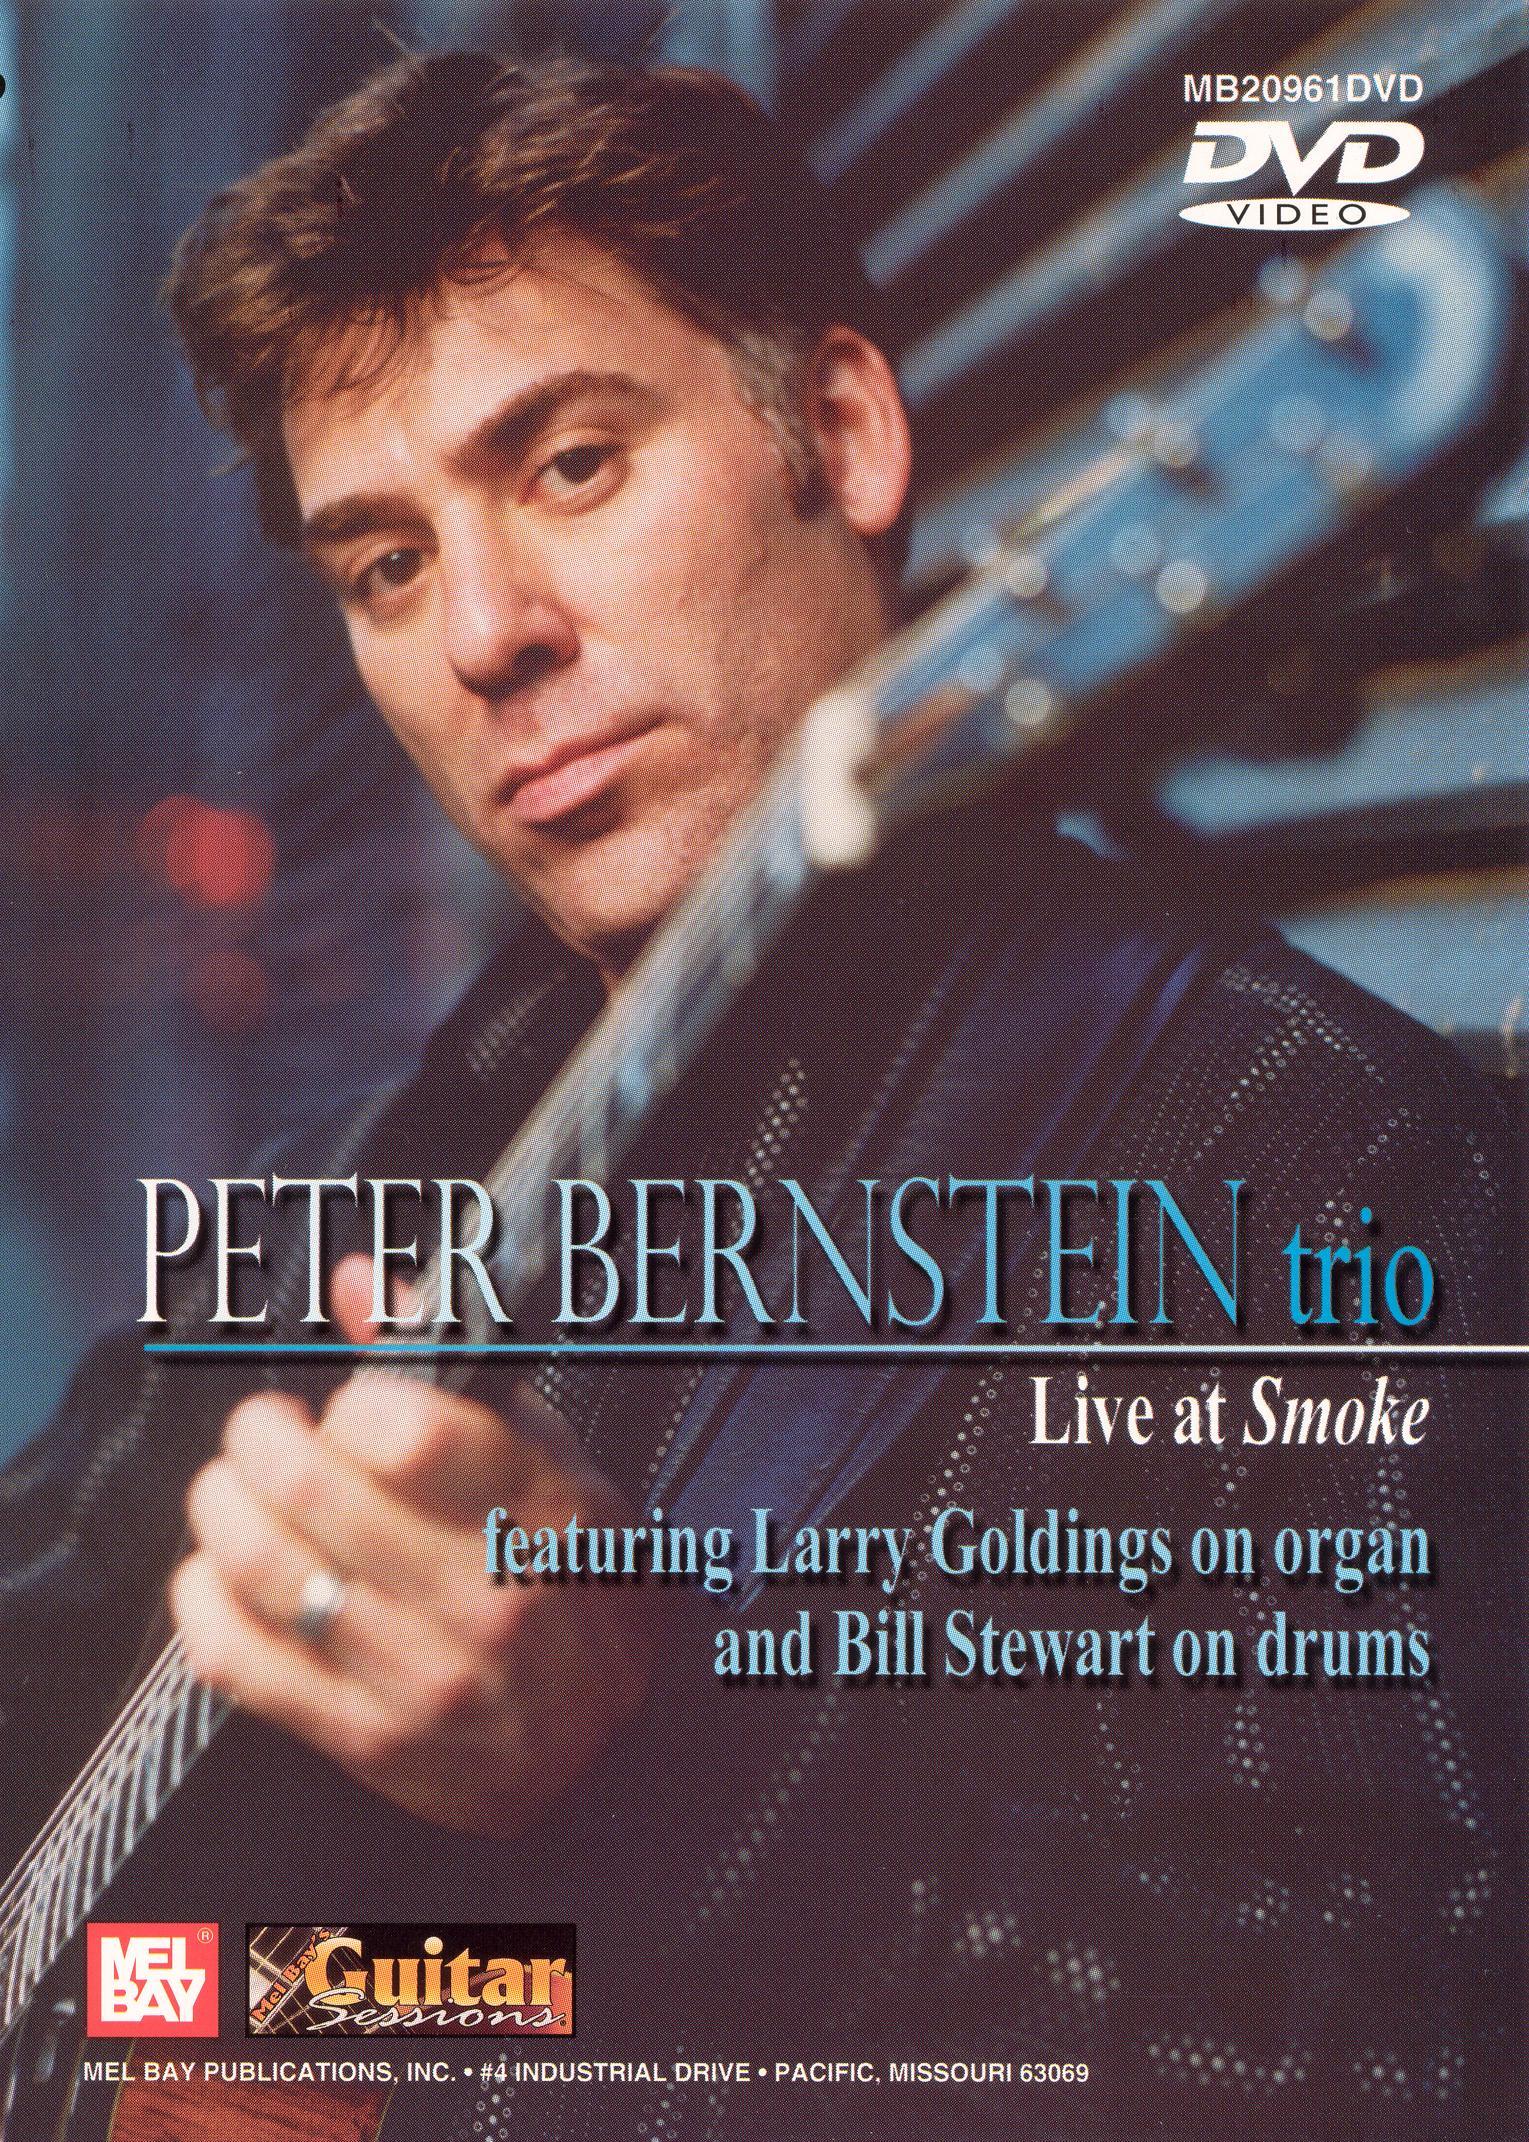 Peter Bernstein: Peter Bernstein Trio Live At Smoke